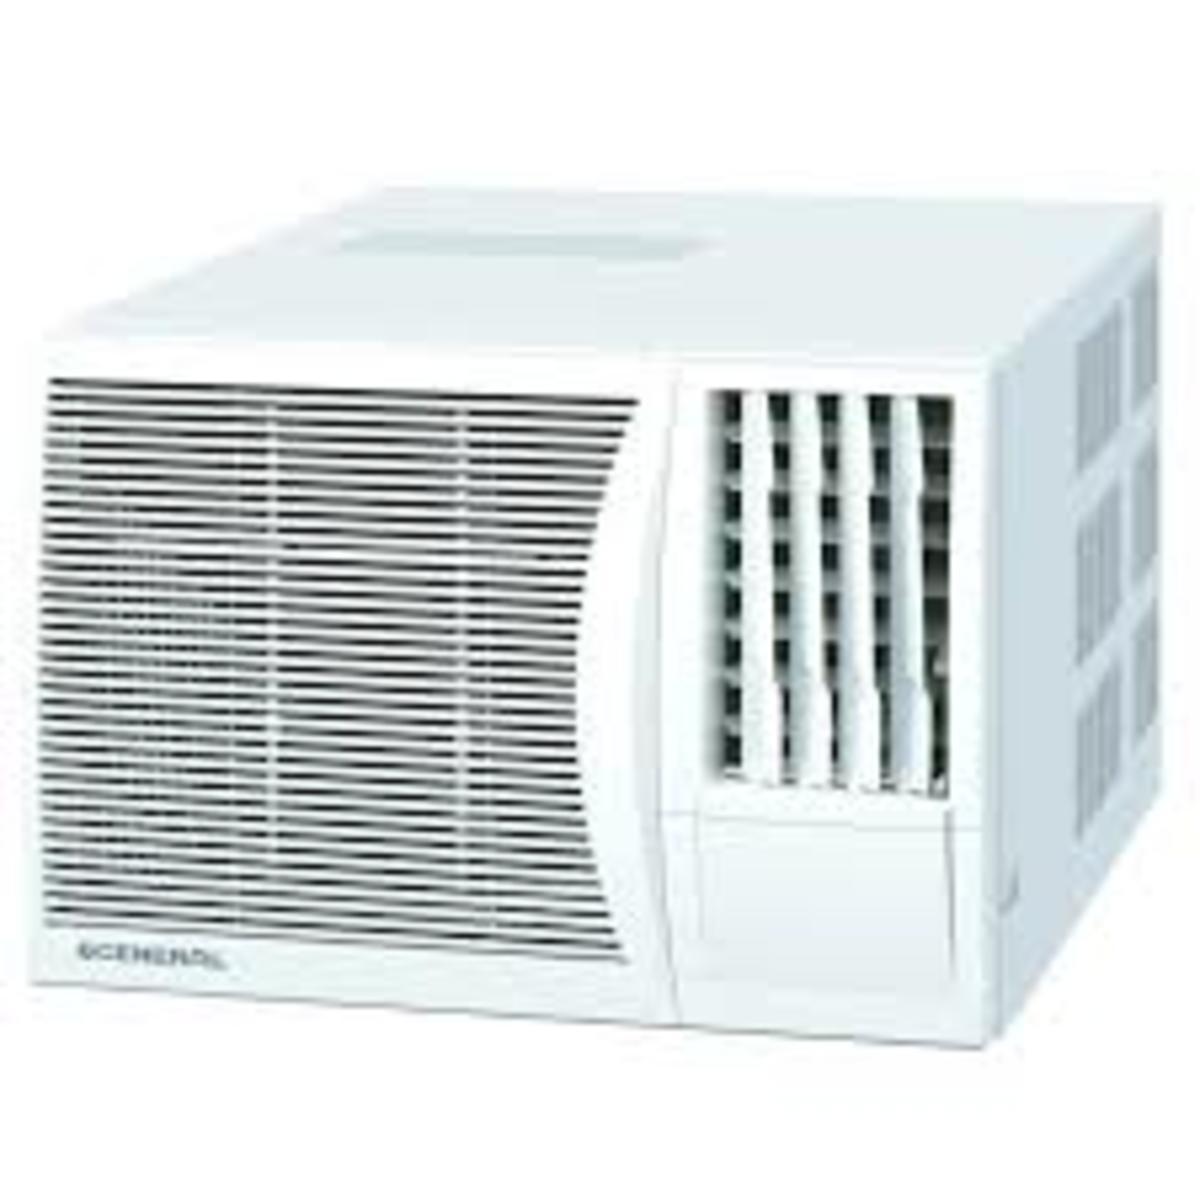 AMWB12FBT 1.5HP Window-type Air Conditioner (3-year Warranty)